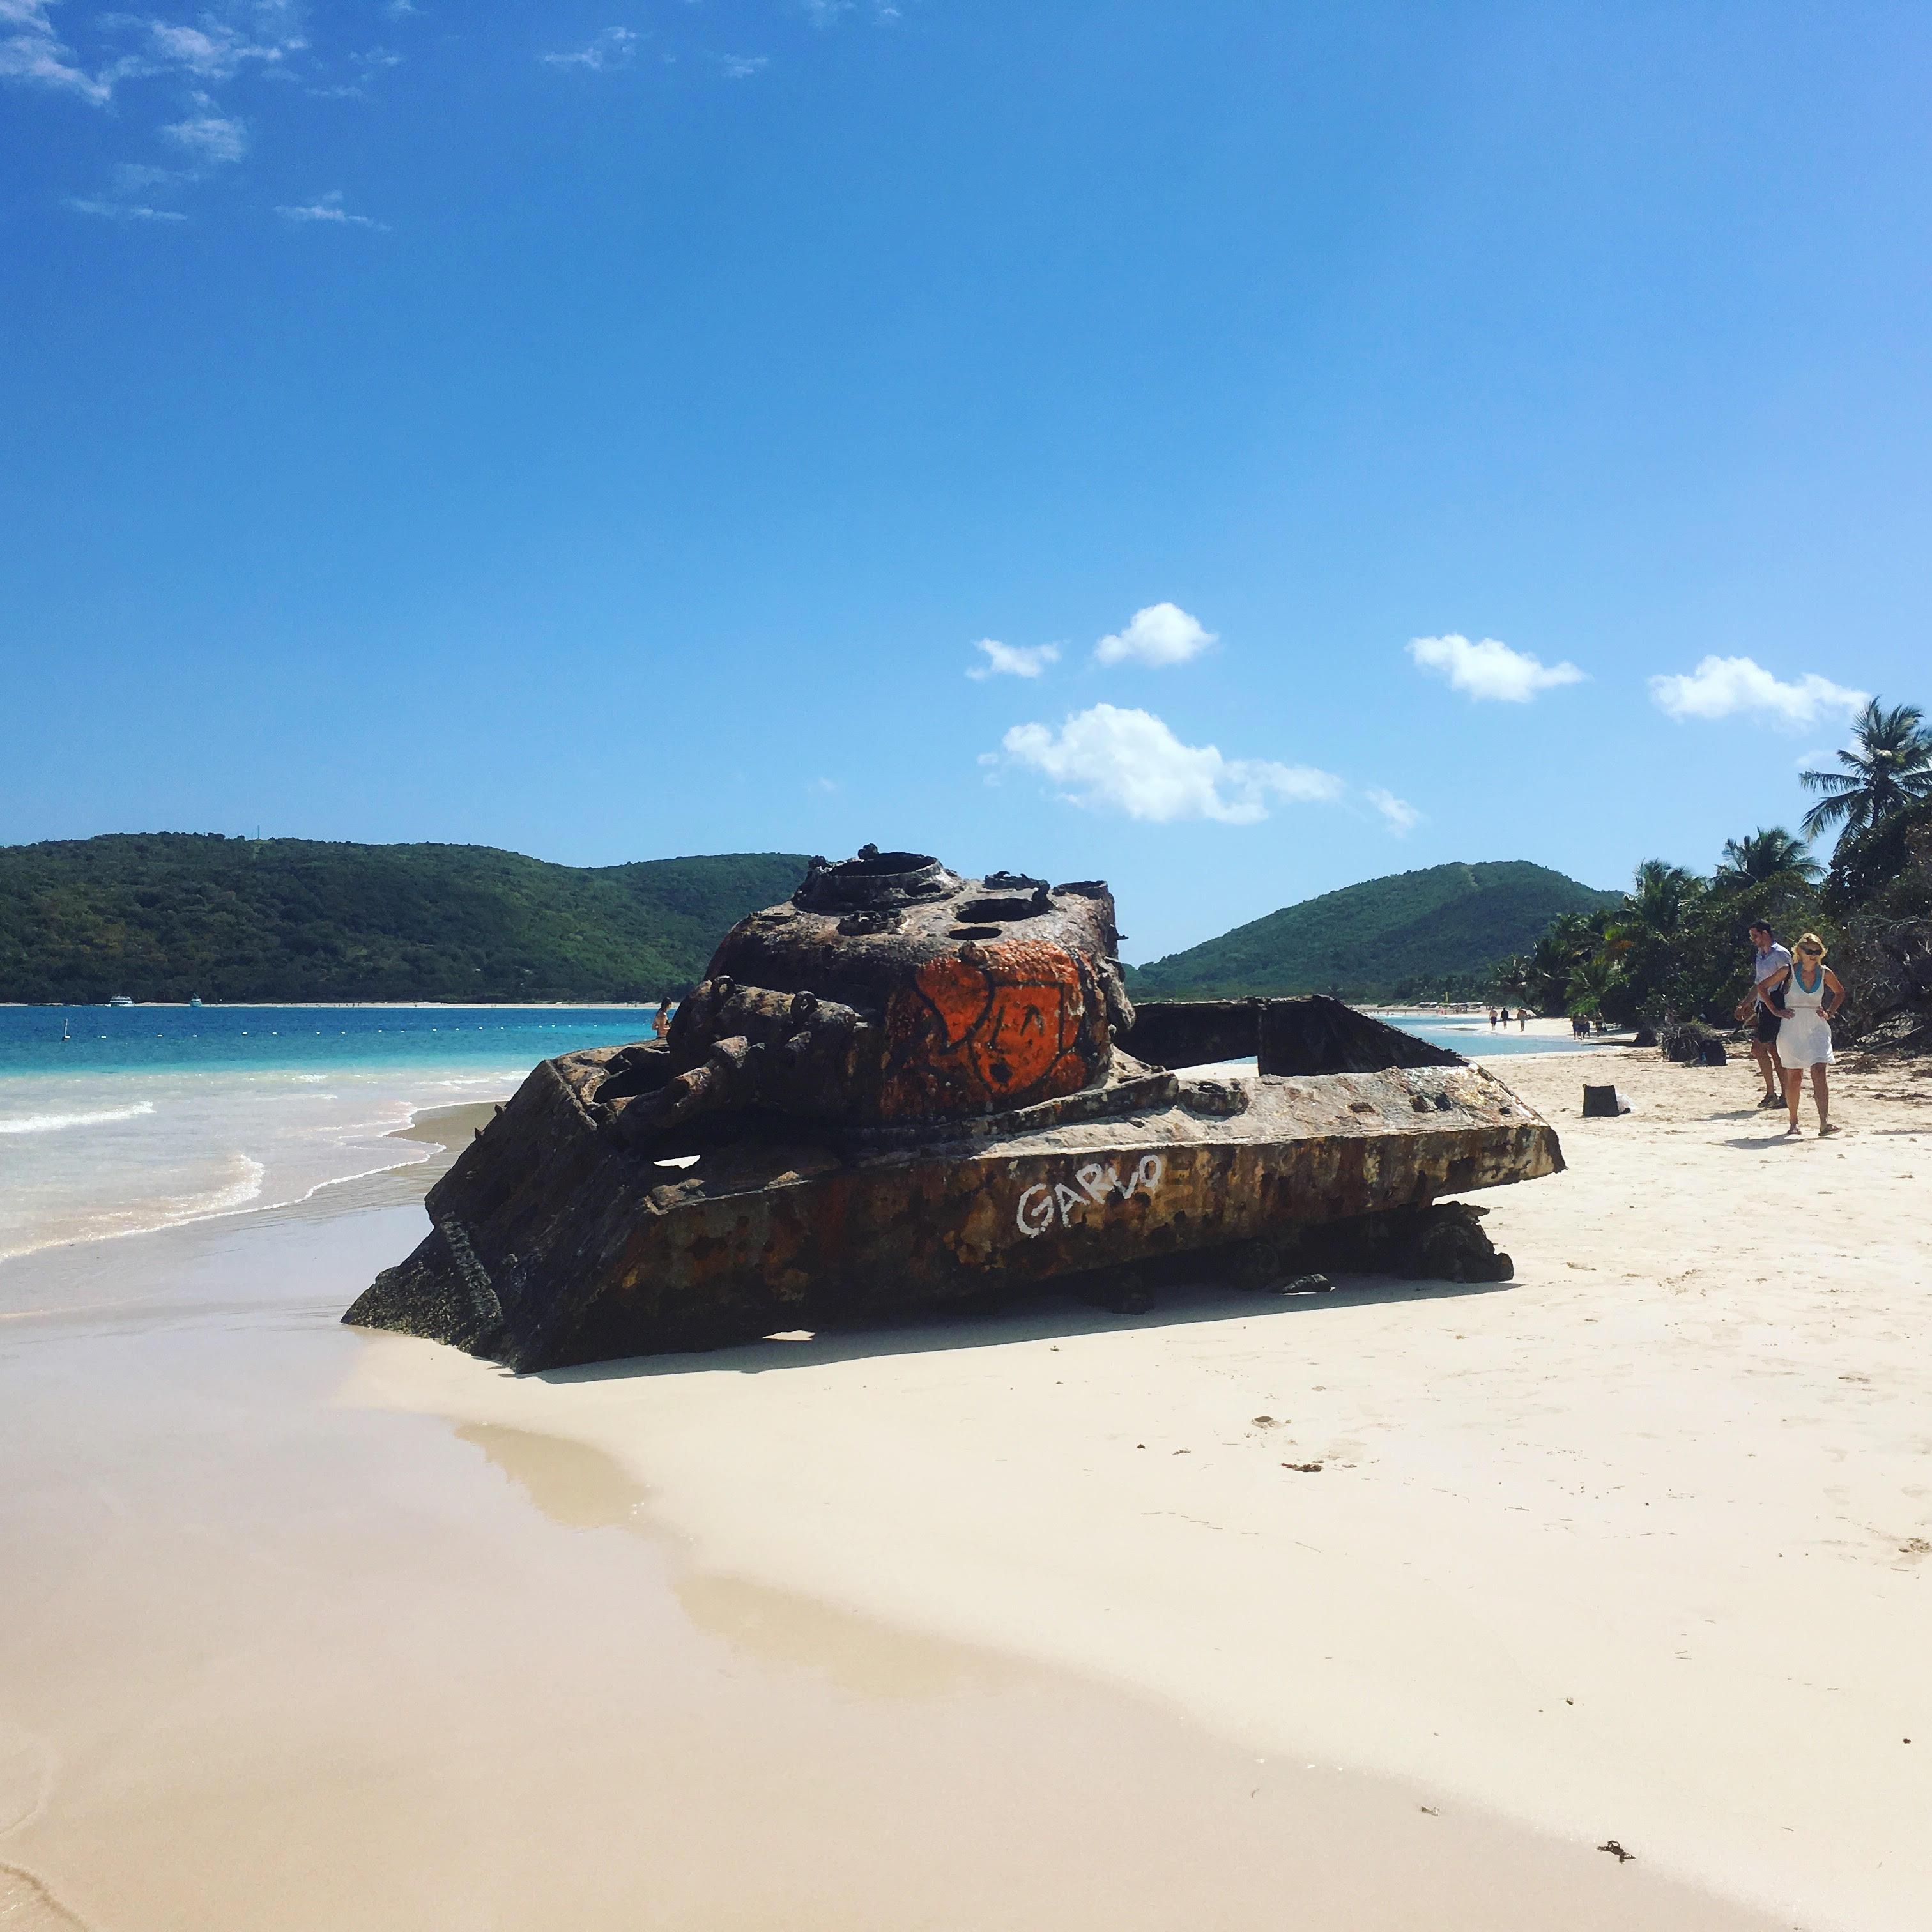 culebra-tankki-rannalla